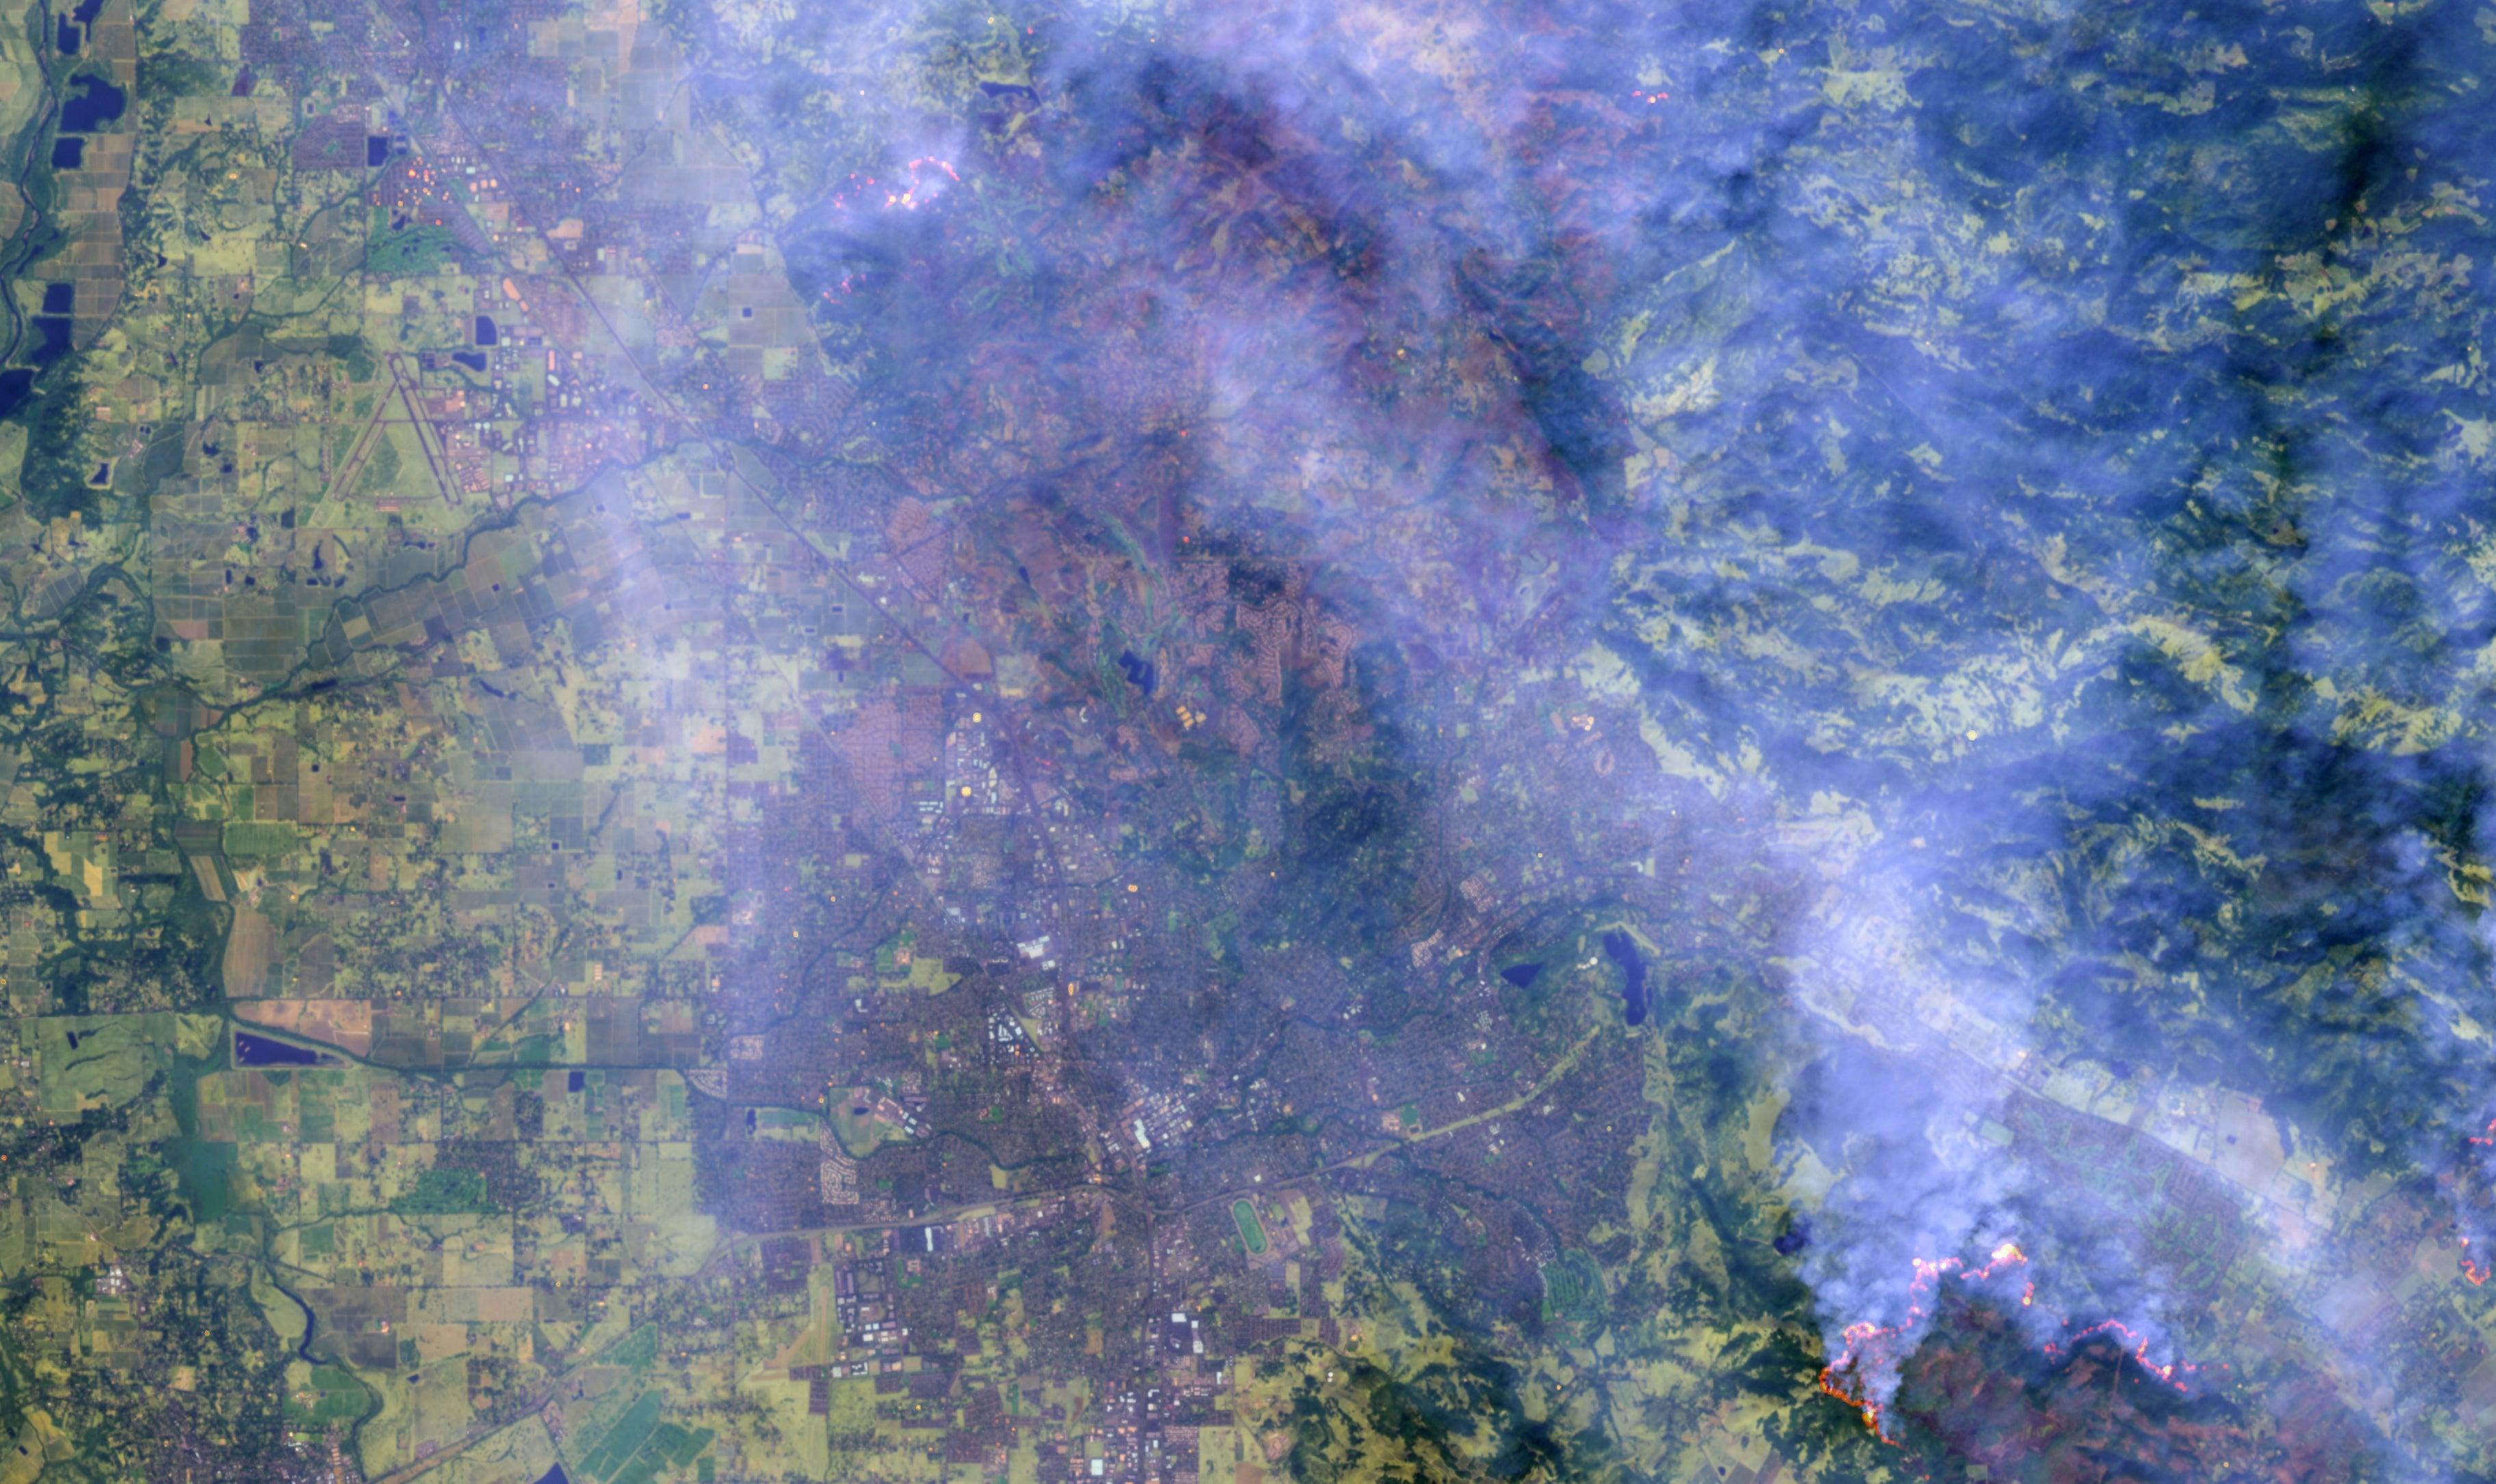 Image: Pierre Markuse, Sentinel Hub